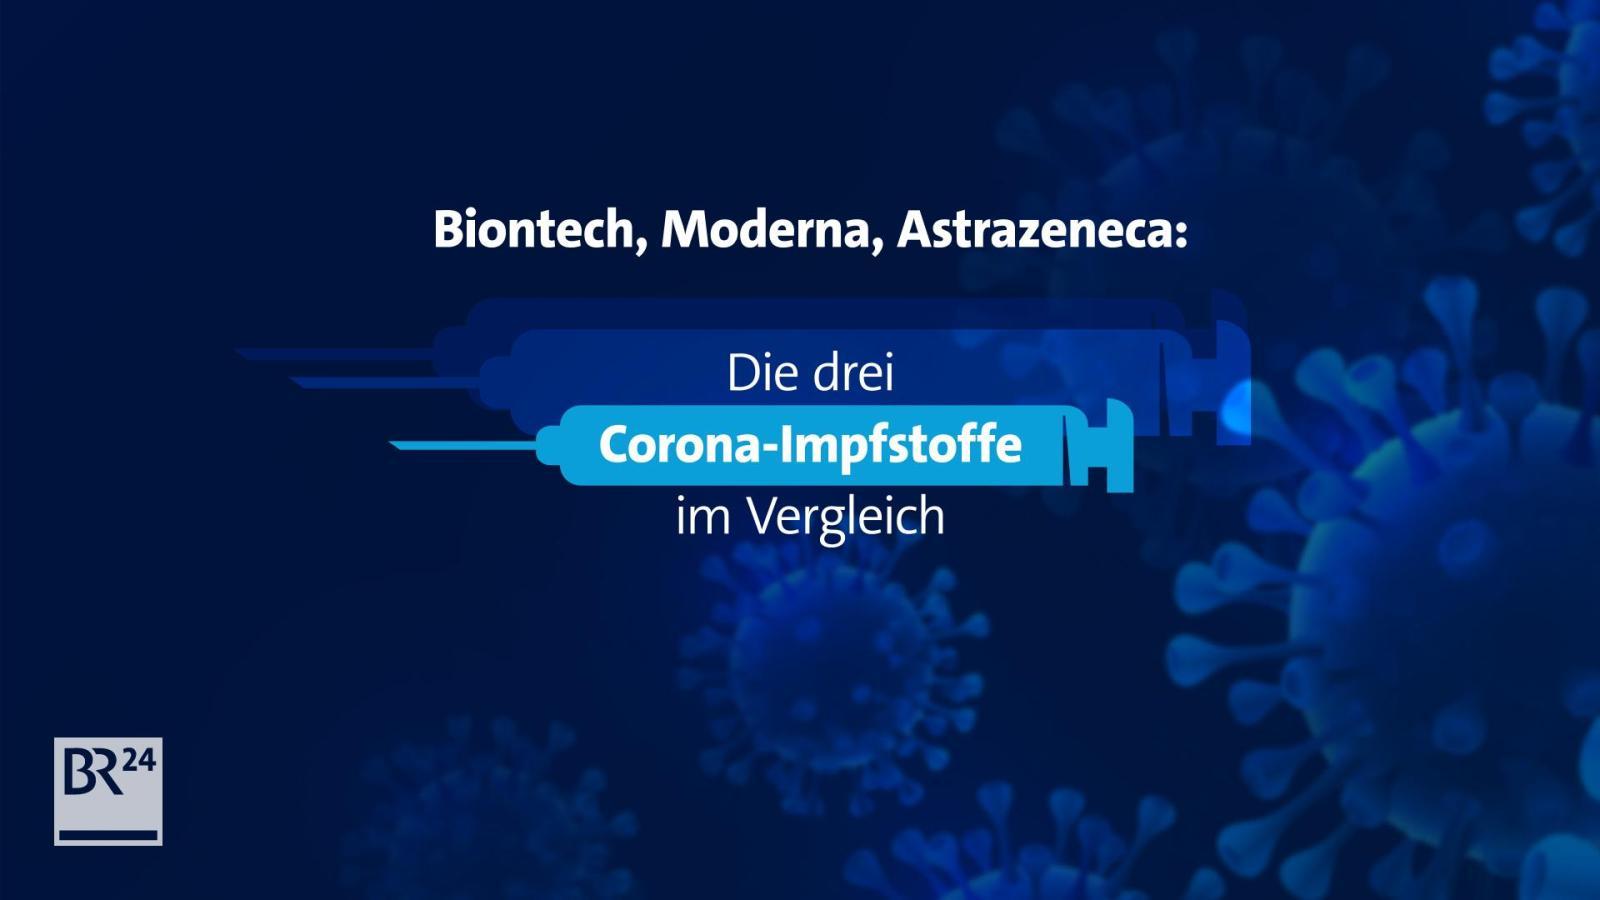 https www br de nachrichten wissen welche coronavirus impfstoffe gibt es und wie funktionieren sie sjruhqt